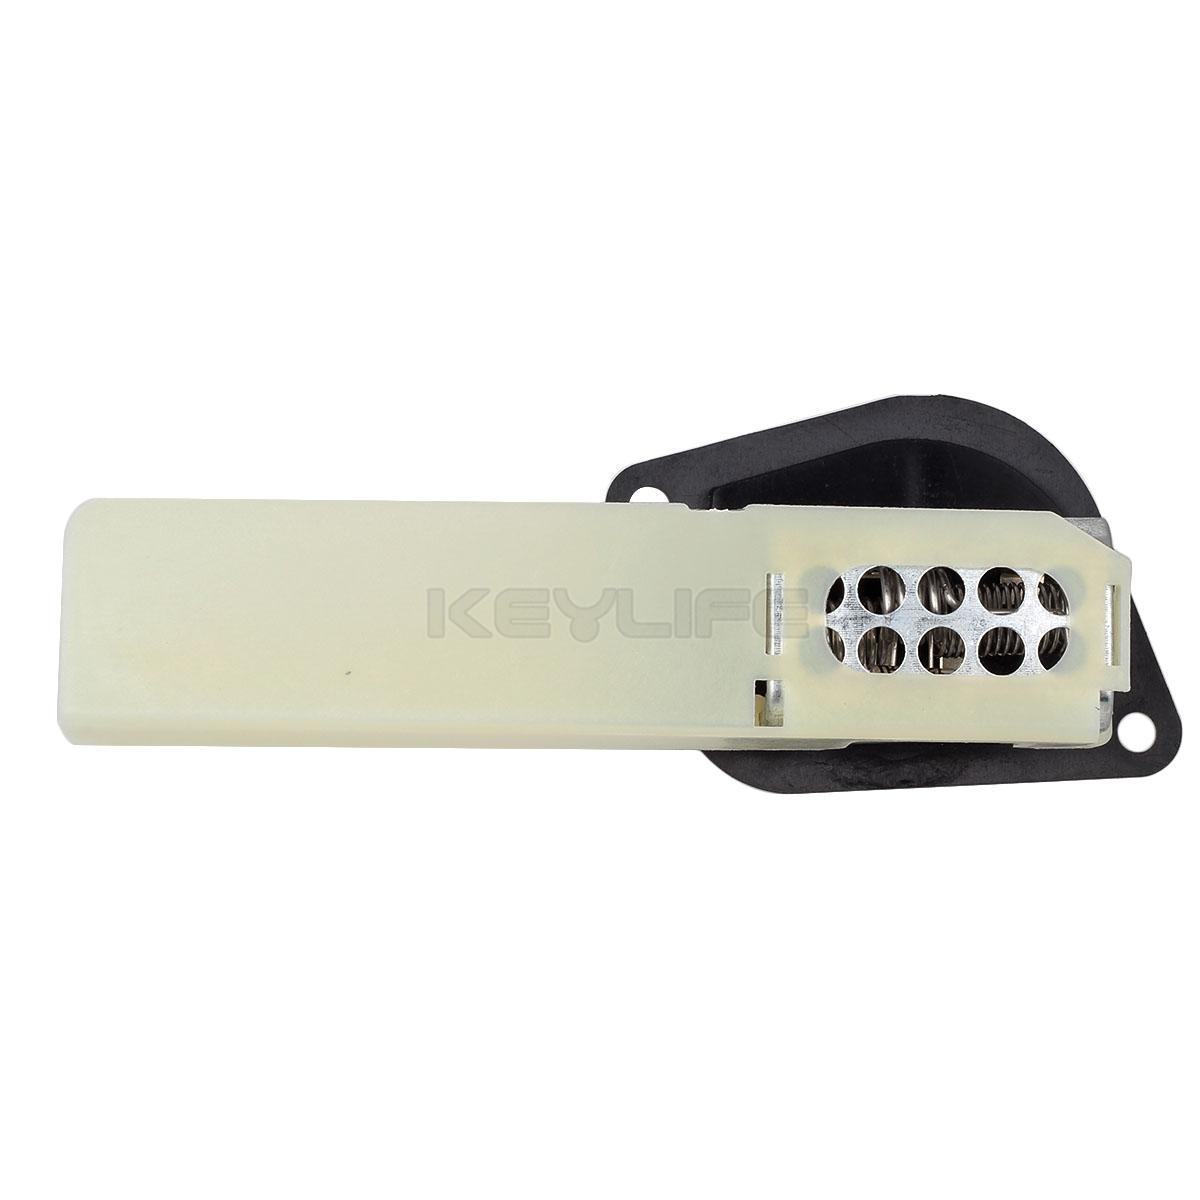 For-Dodge-RAM-1500-2500-3500-VAN-99-03-Blower-Motor-Resister-Regulator-973-021 miniature 5